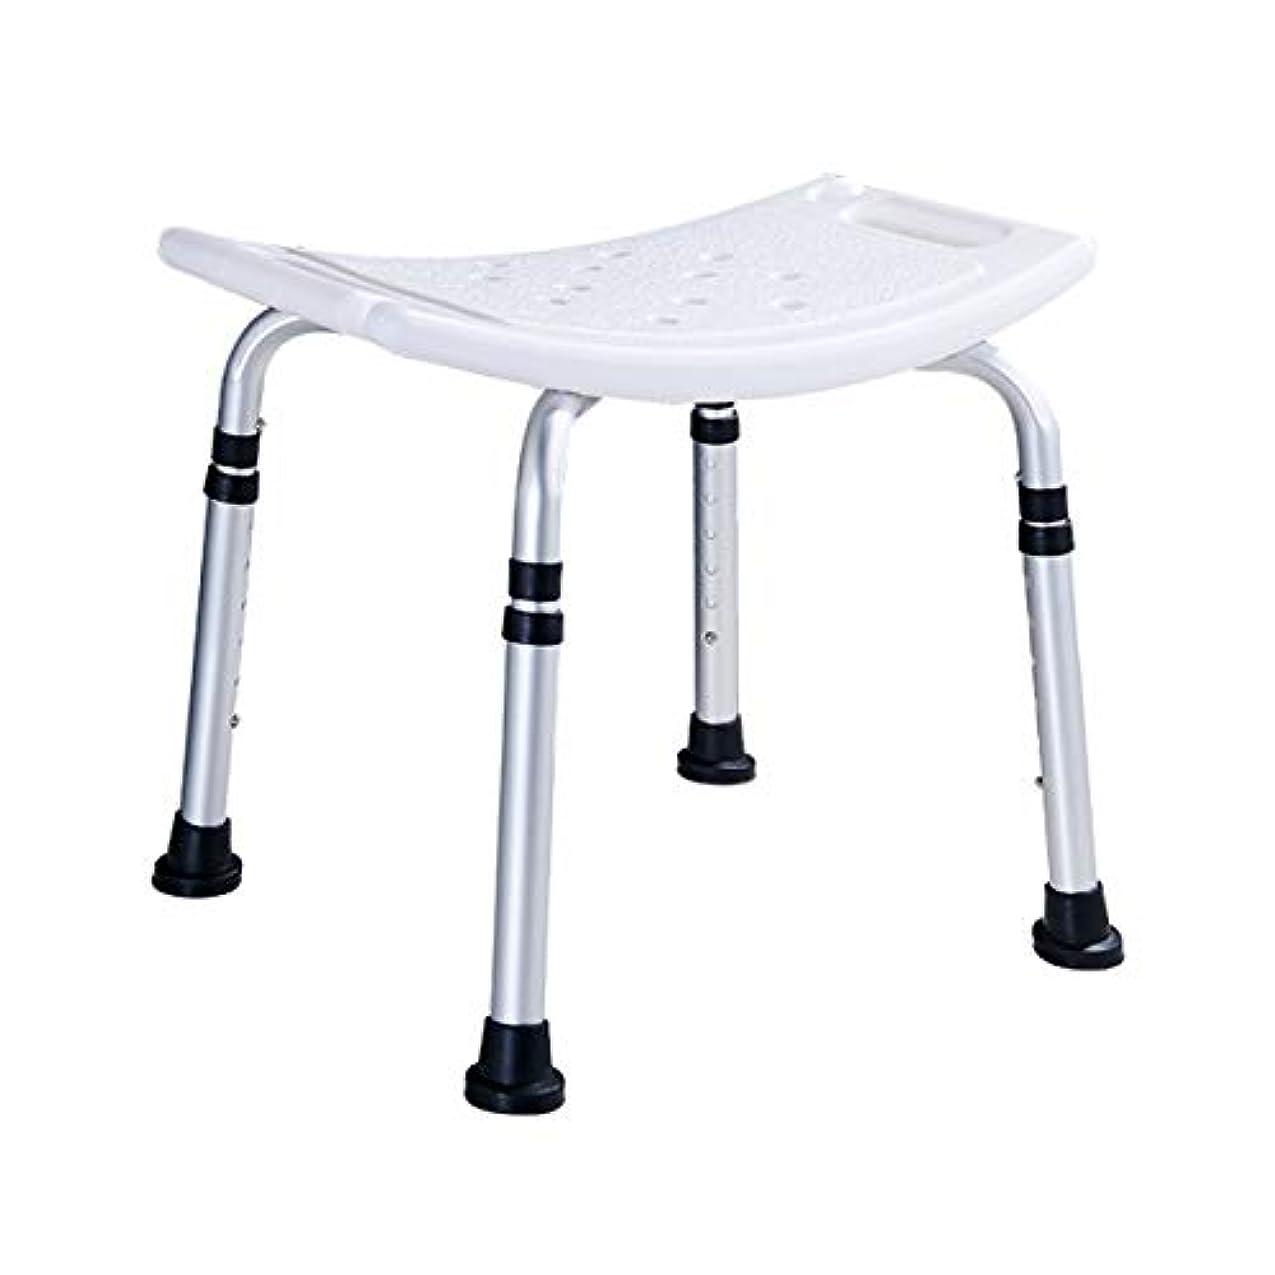 帝国ふくろう敬意を表する浴槽/シャワーチェア、高さ調節可能な脚付きバスルームシート、エルゴノミックスツール排水管スリップ成人/高齢者/身体障害者